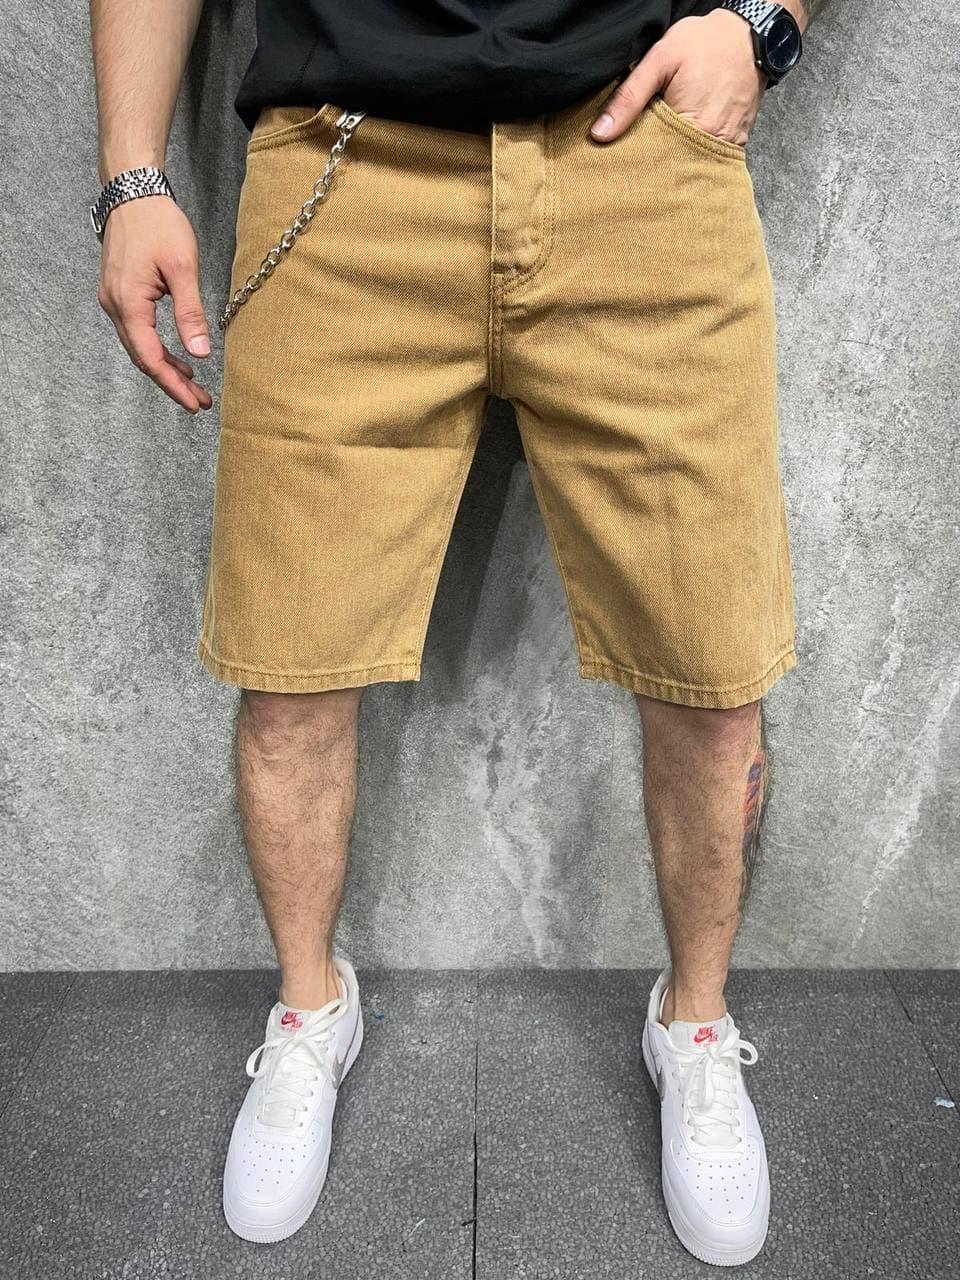 Чоловічі джинсові шорти Over size (пісочний) широкі круті бриджі A6387